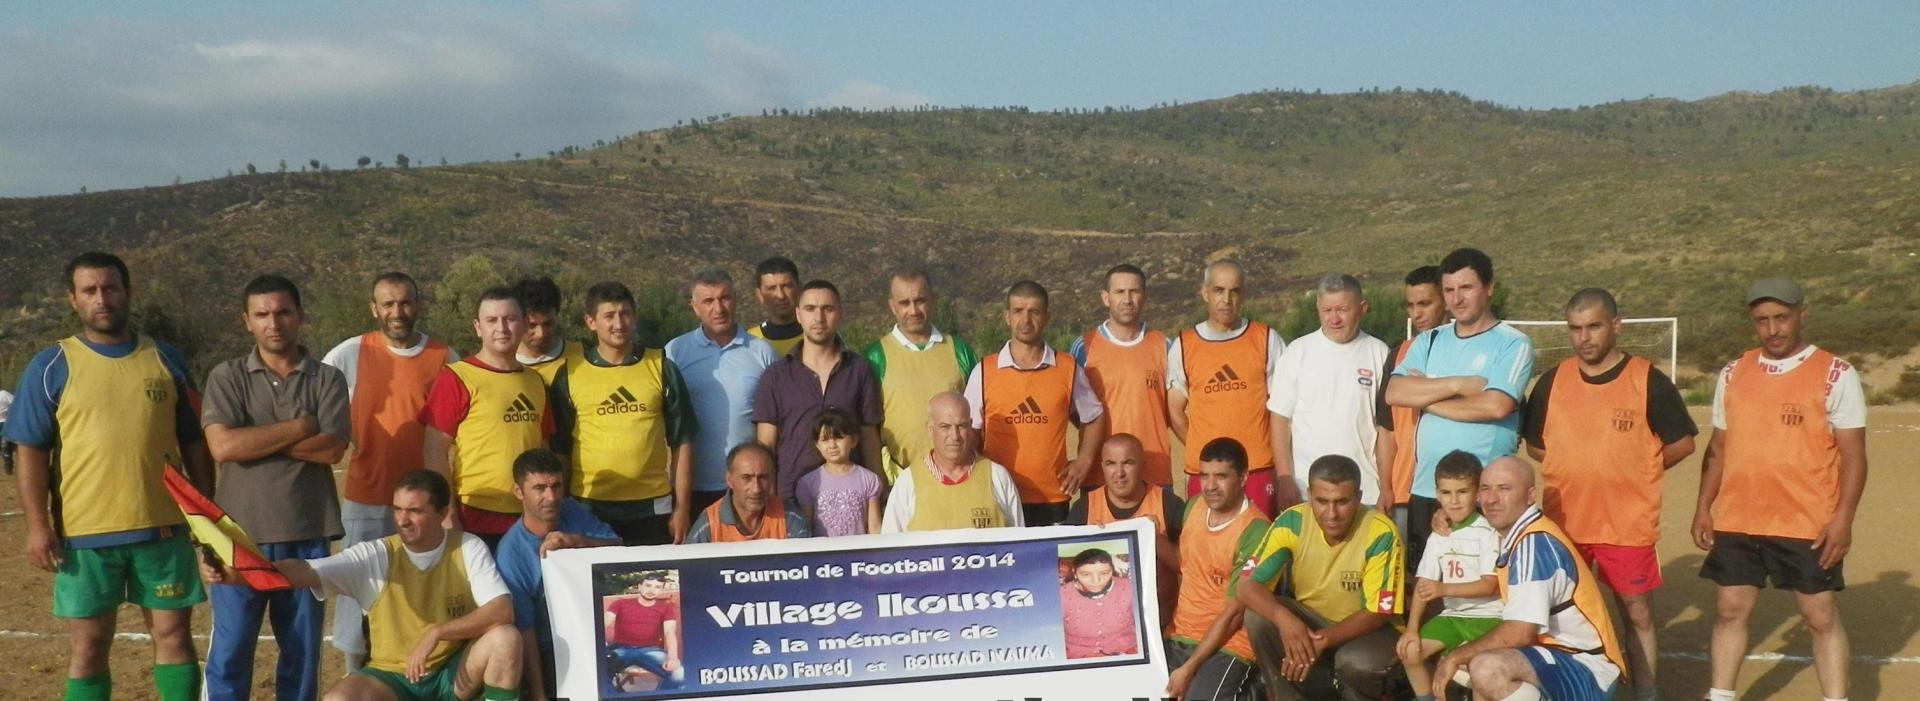 Tournoi de foot ball 2014 à la mémoire de NAIMA  BOUSSAD et FAREDJ BOUSSAD